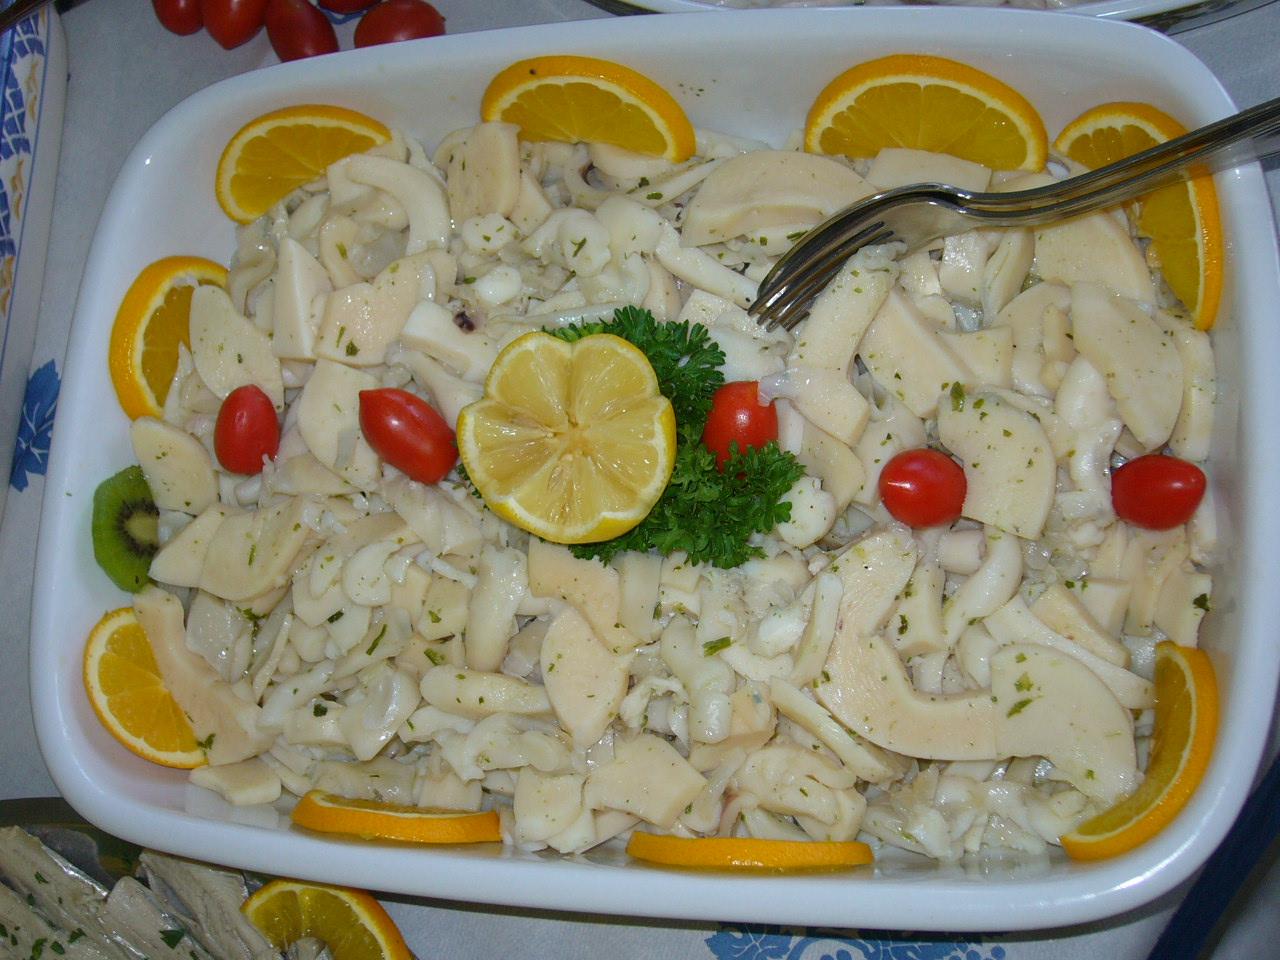 Riccione All Inclusive Pesce